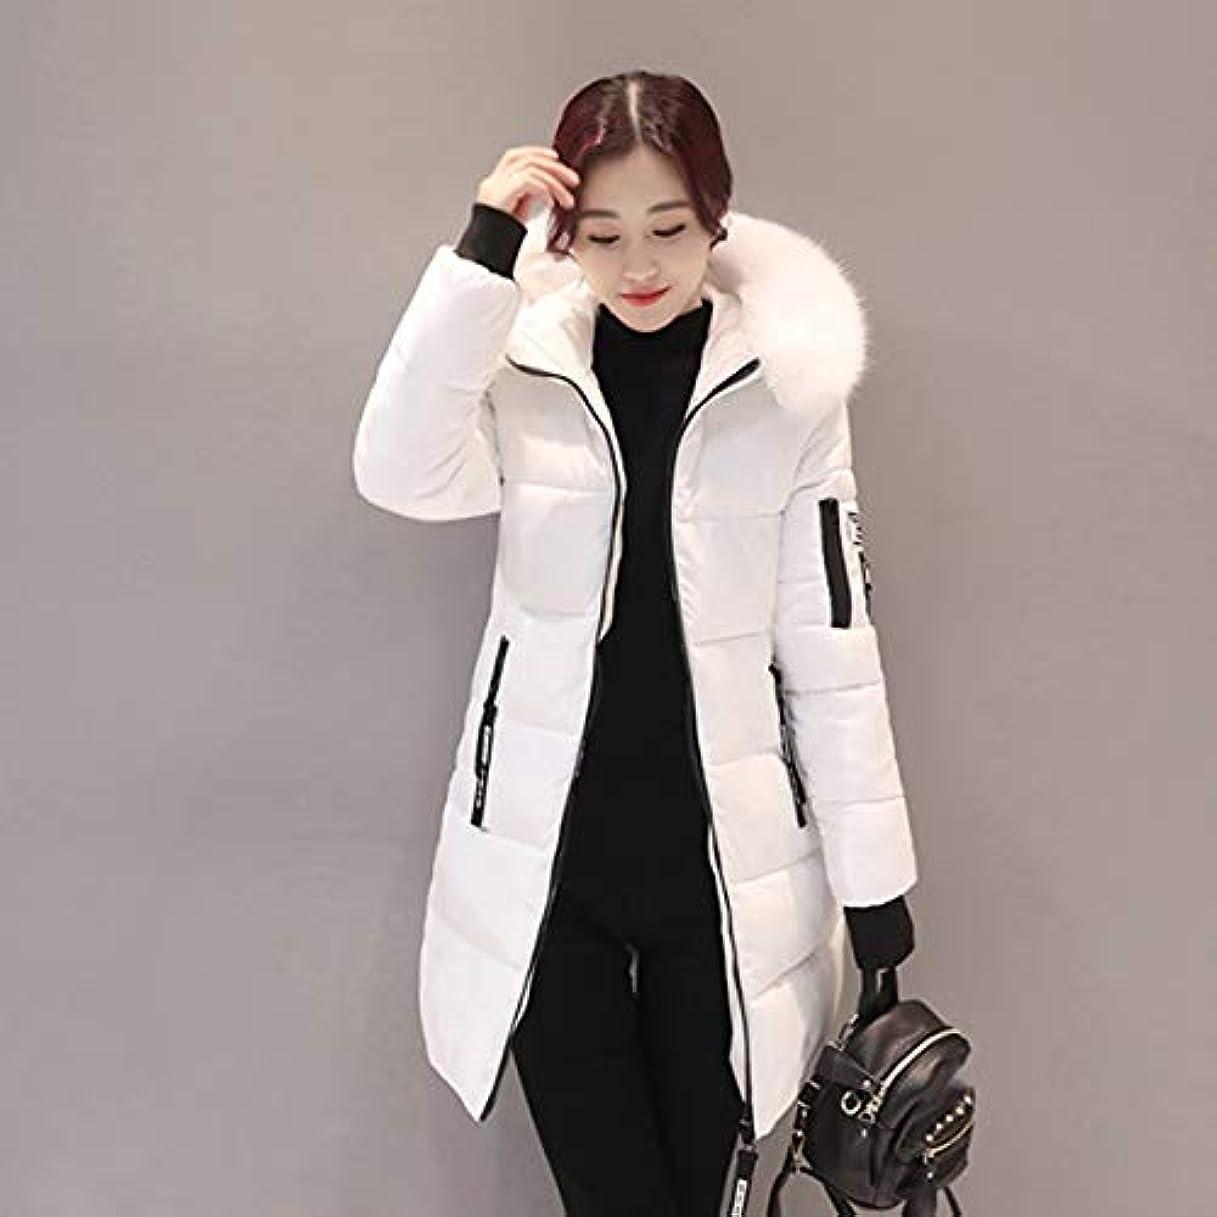 シーズン泣く王位韓国スタイルの女性のコートファッションオールマッチフード付きダウンジャケット綿パッド入り厚く暖かいコートミドルロング冬生き抜くコート-ホワイトL